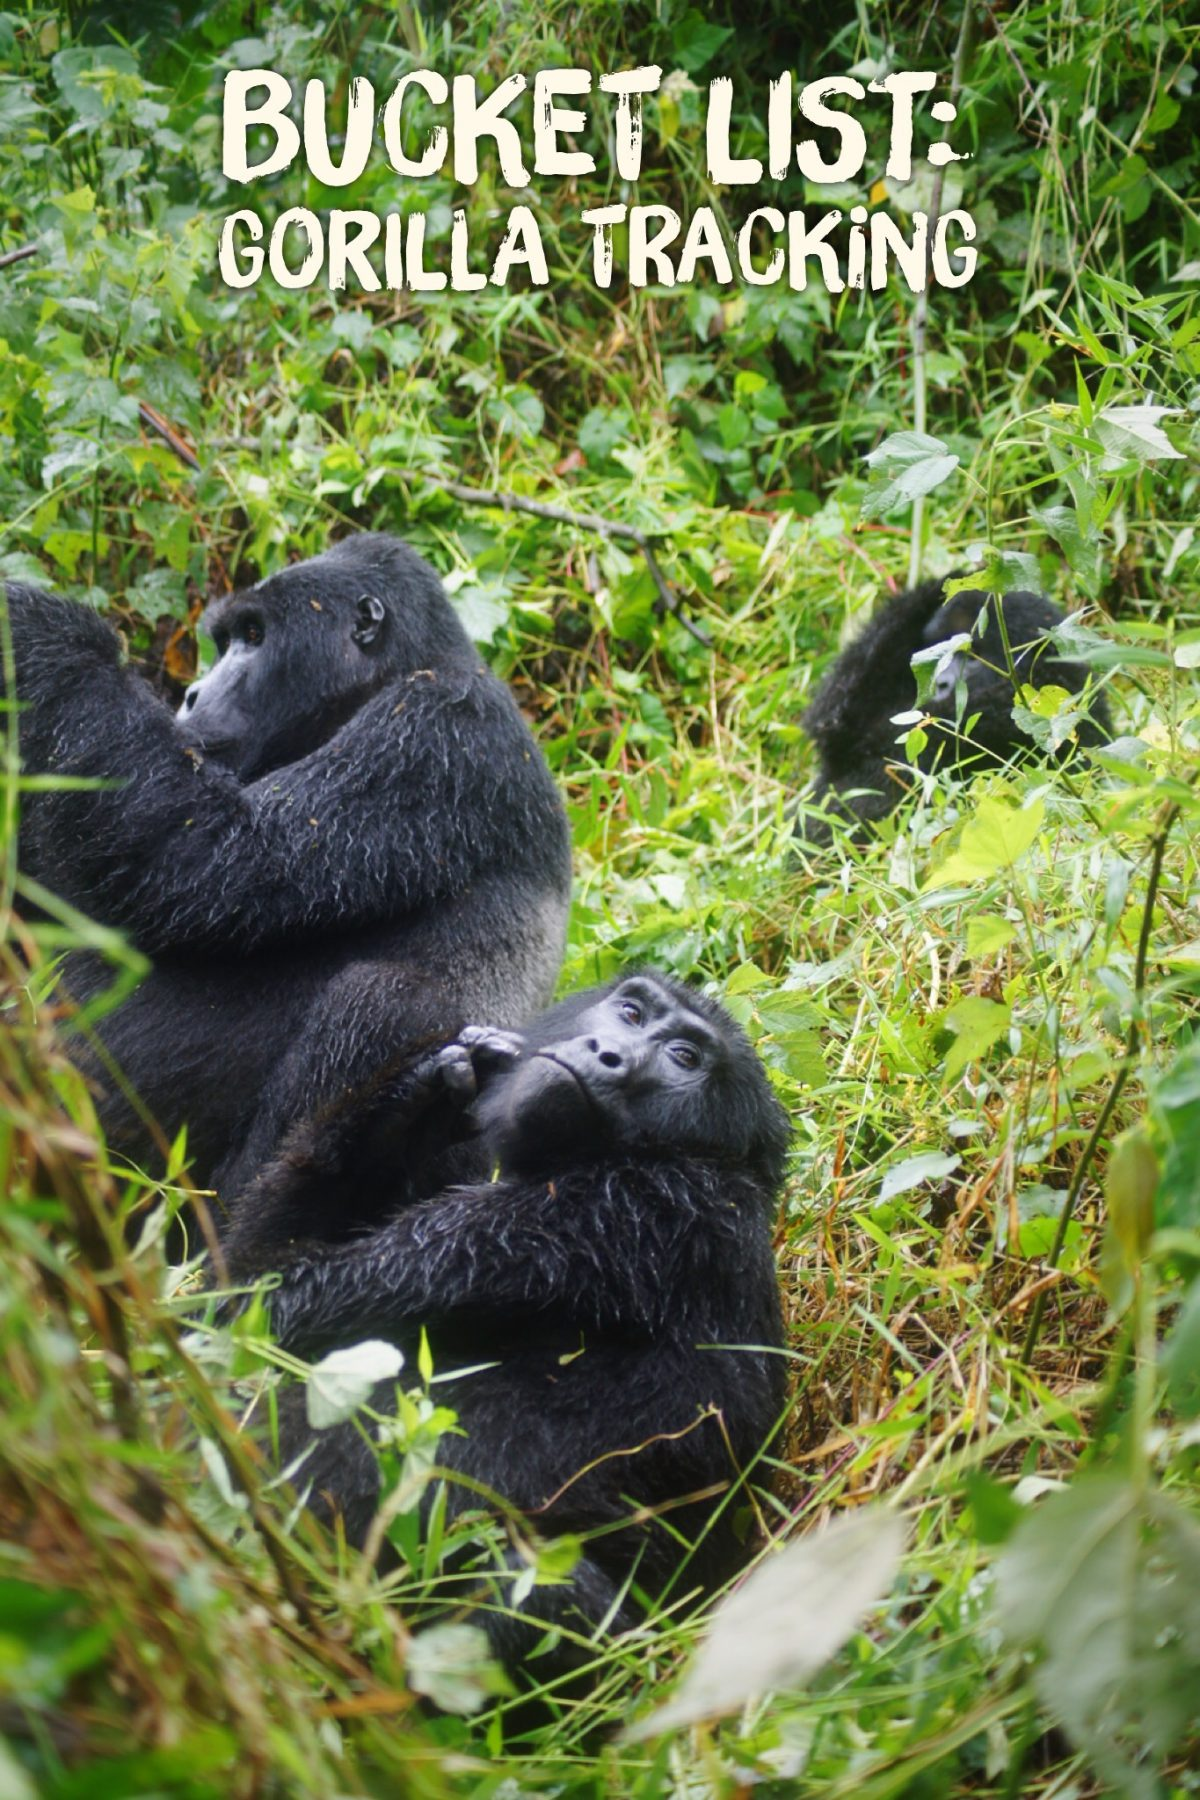 Gorilla tracking Uganda bucket list